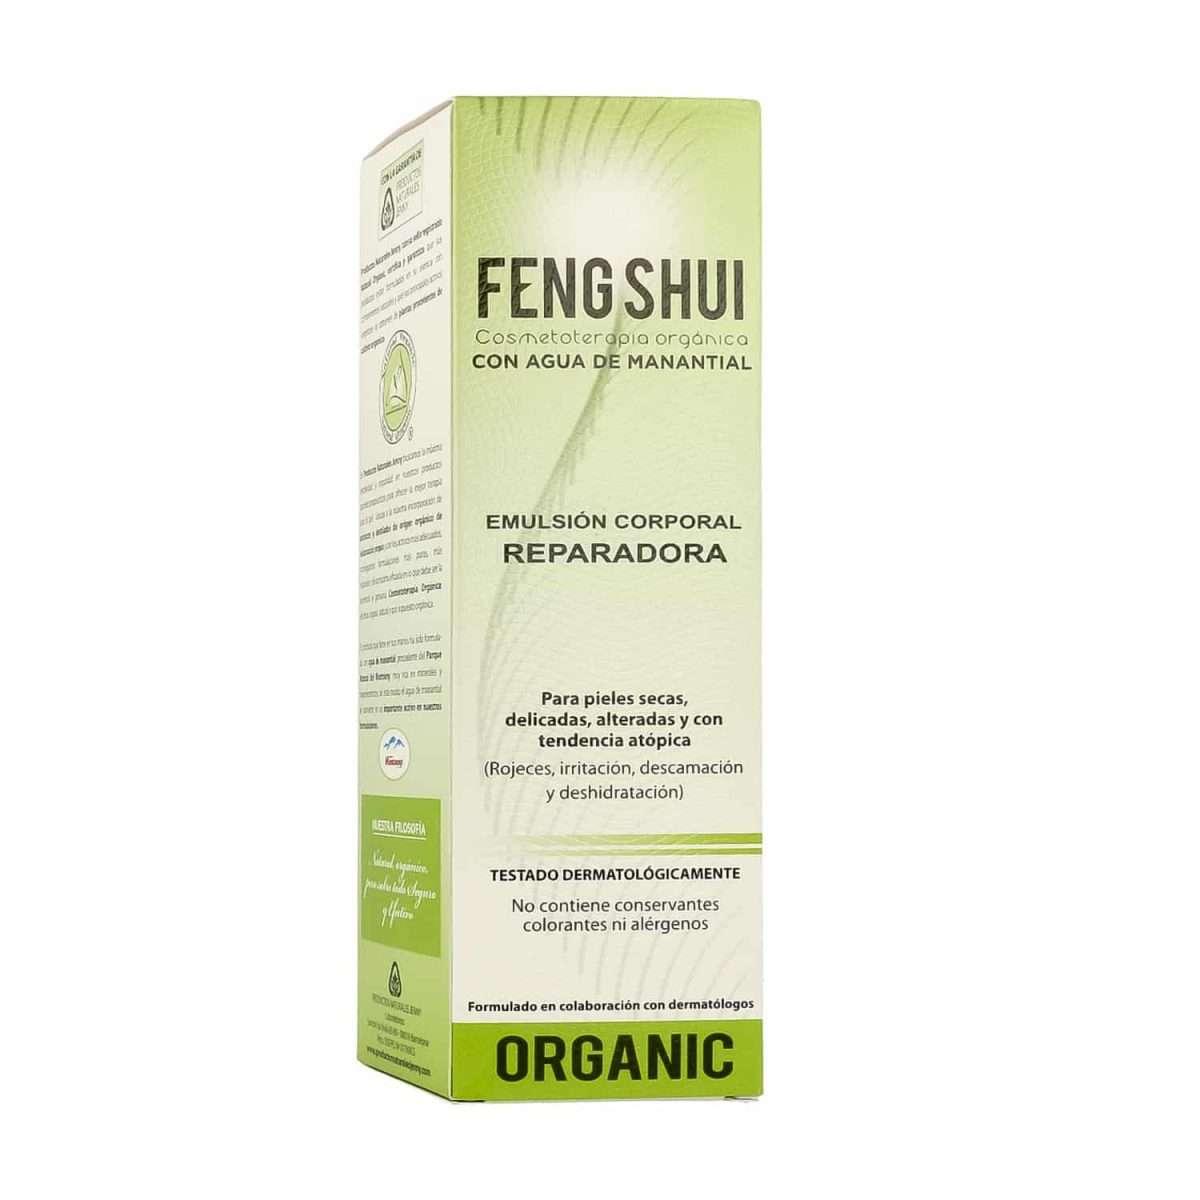 Emulsión Corporal Reparadora FENG SHUI 400 ml